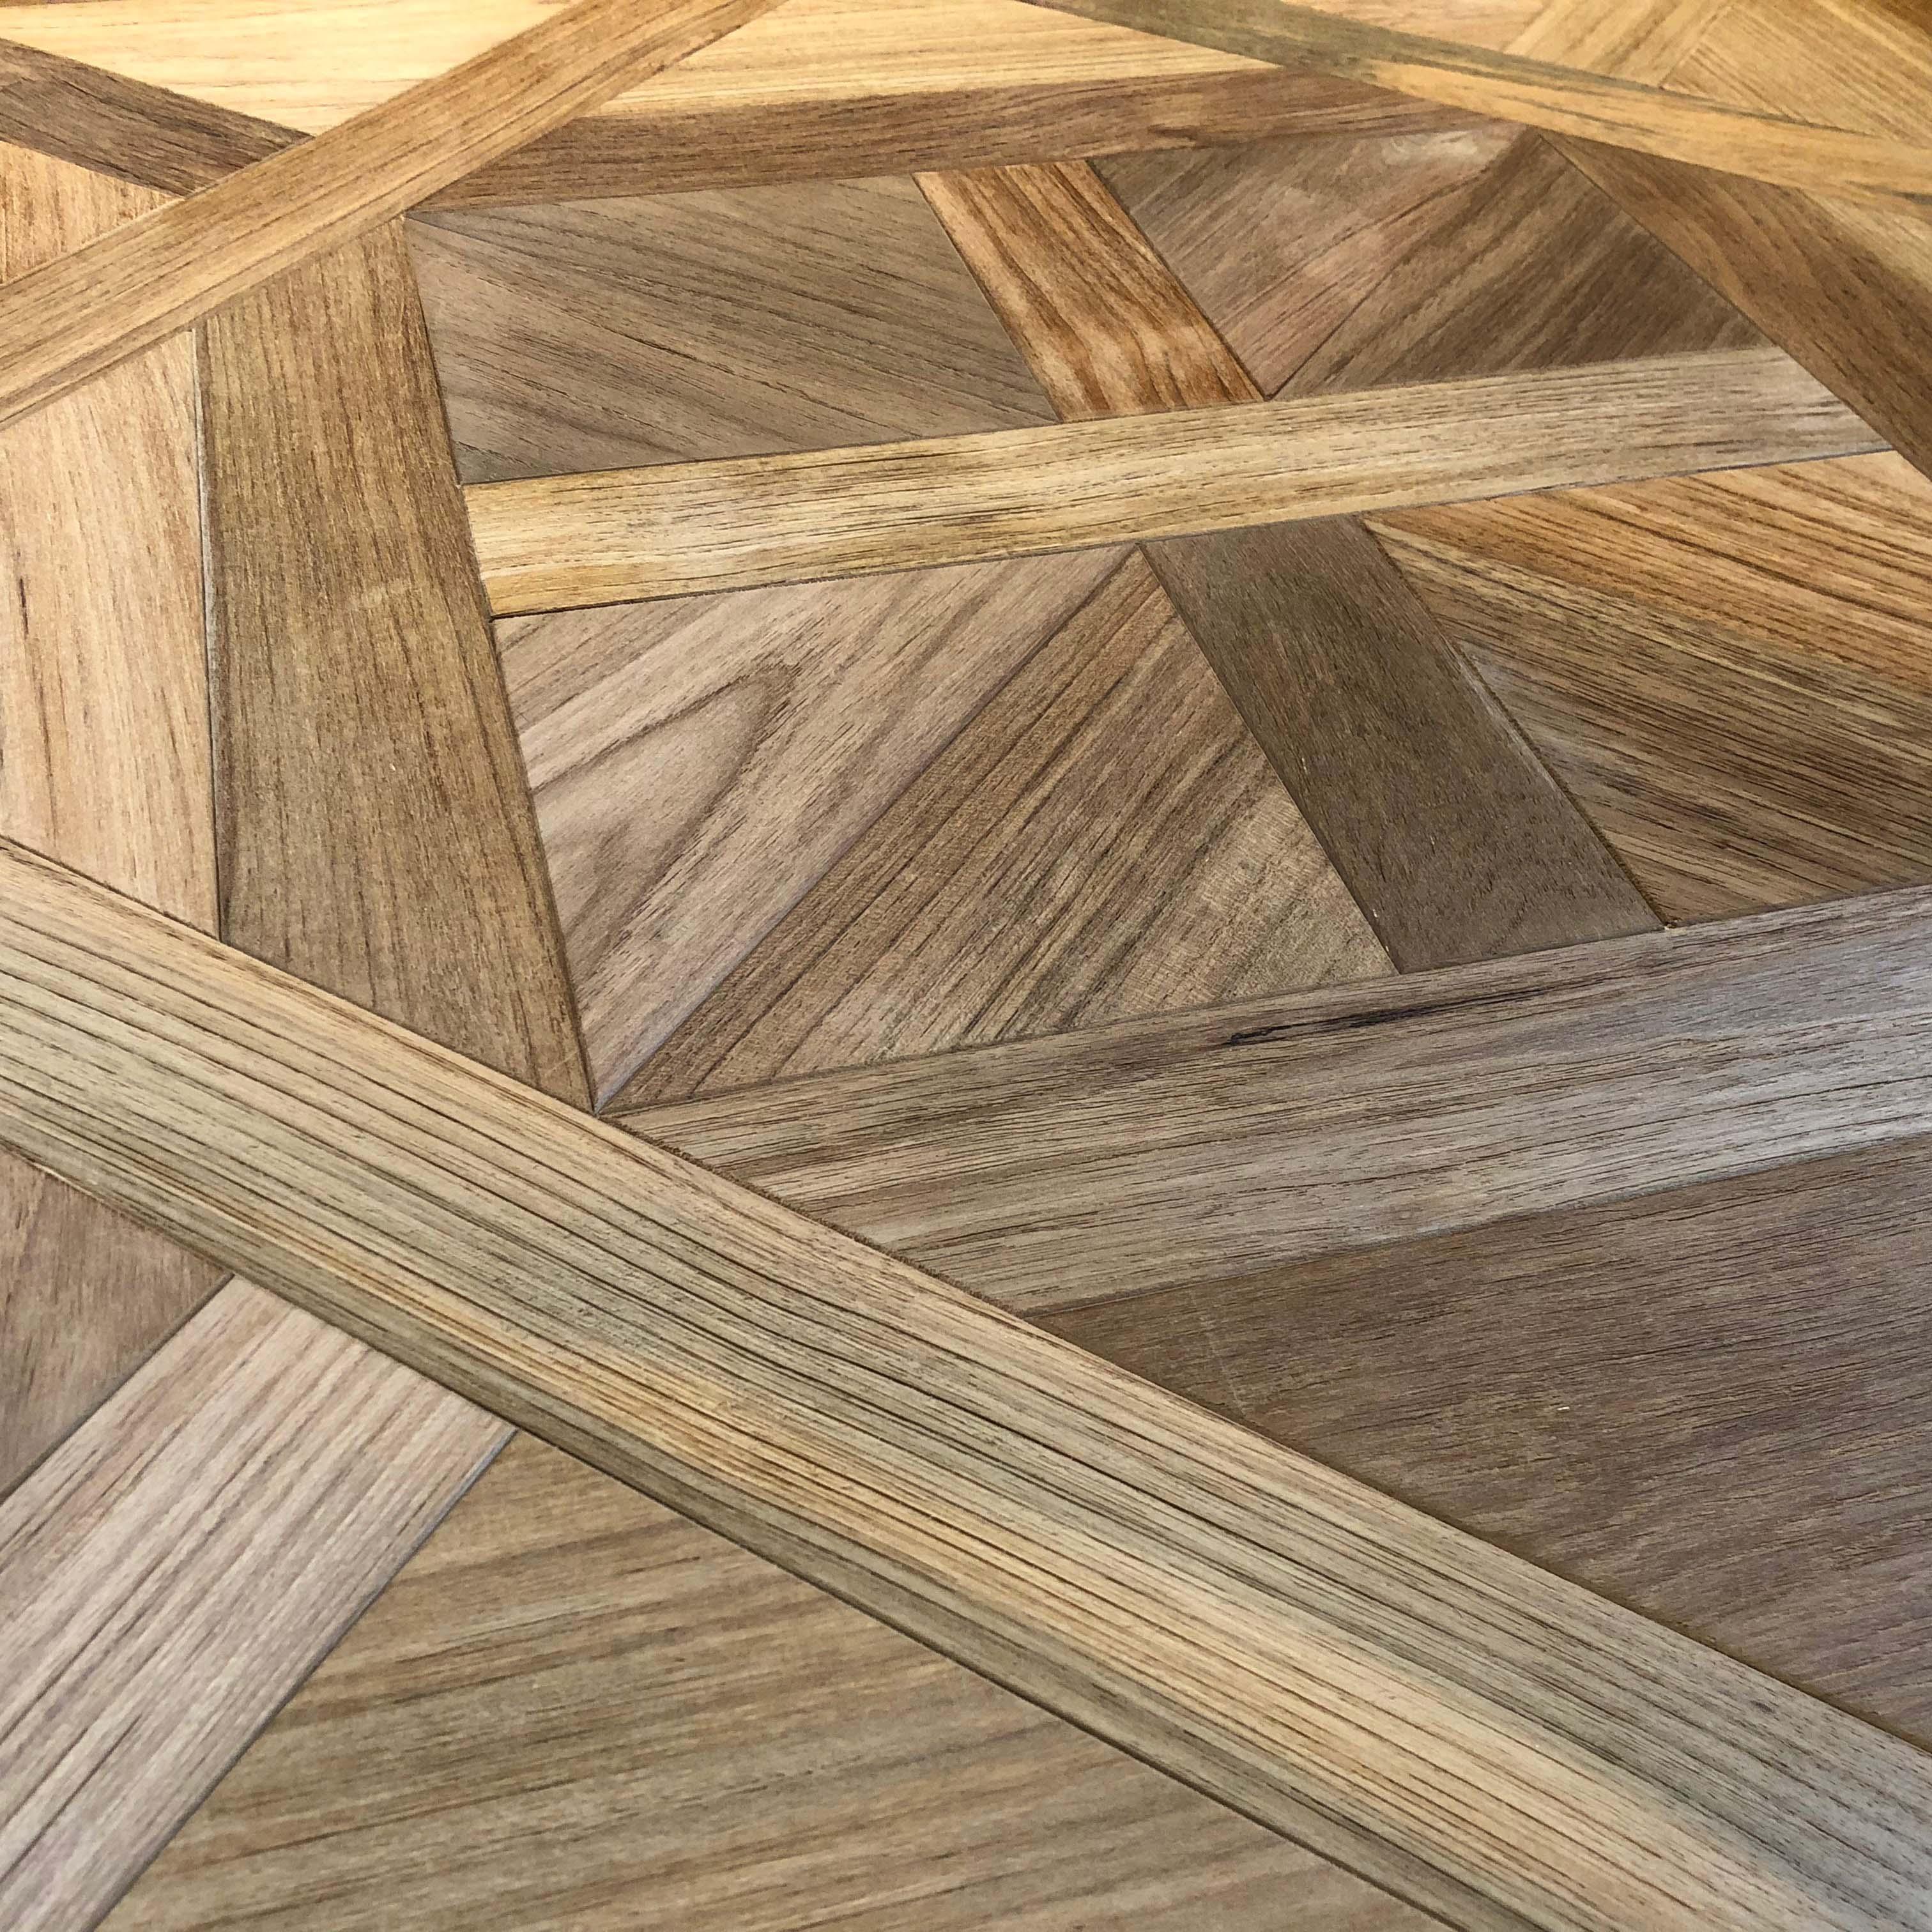 parquet flooring - Reclaimed Teak Flooring